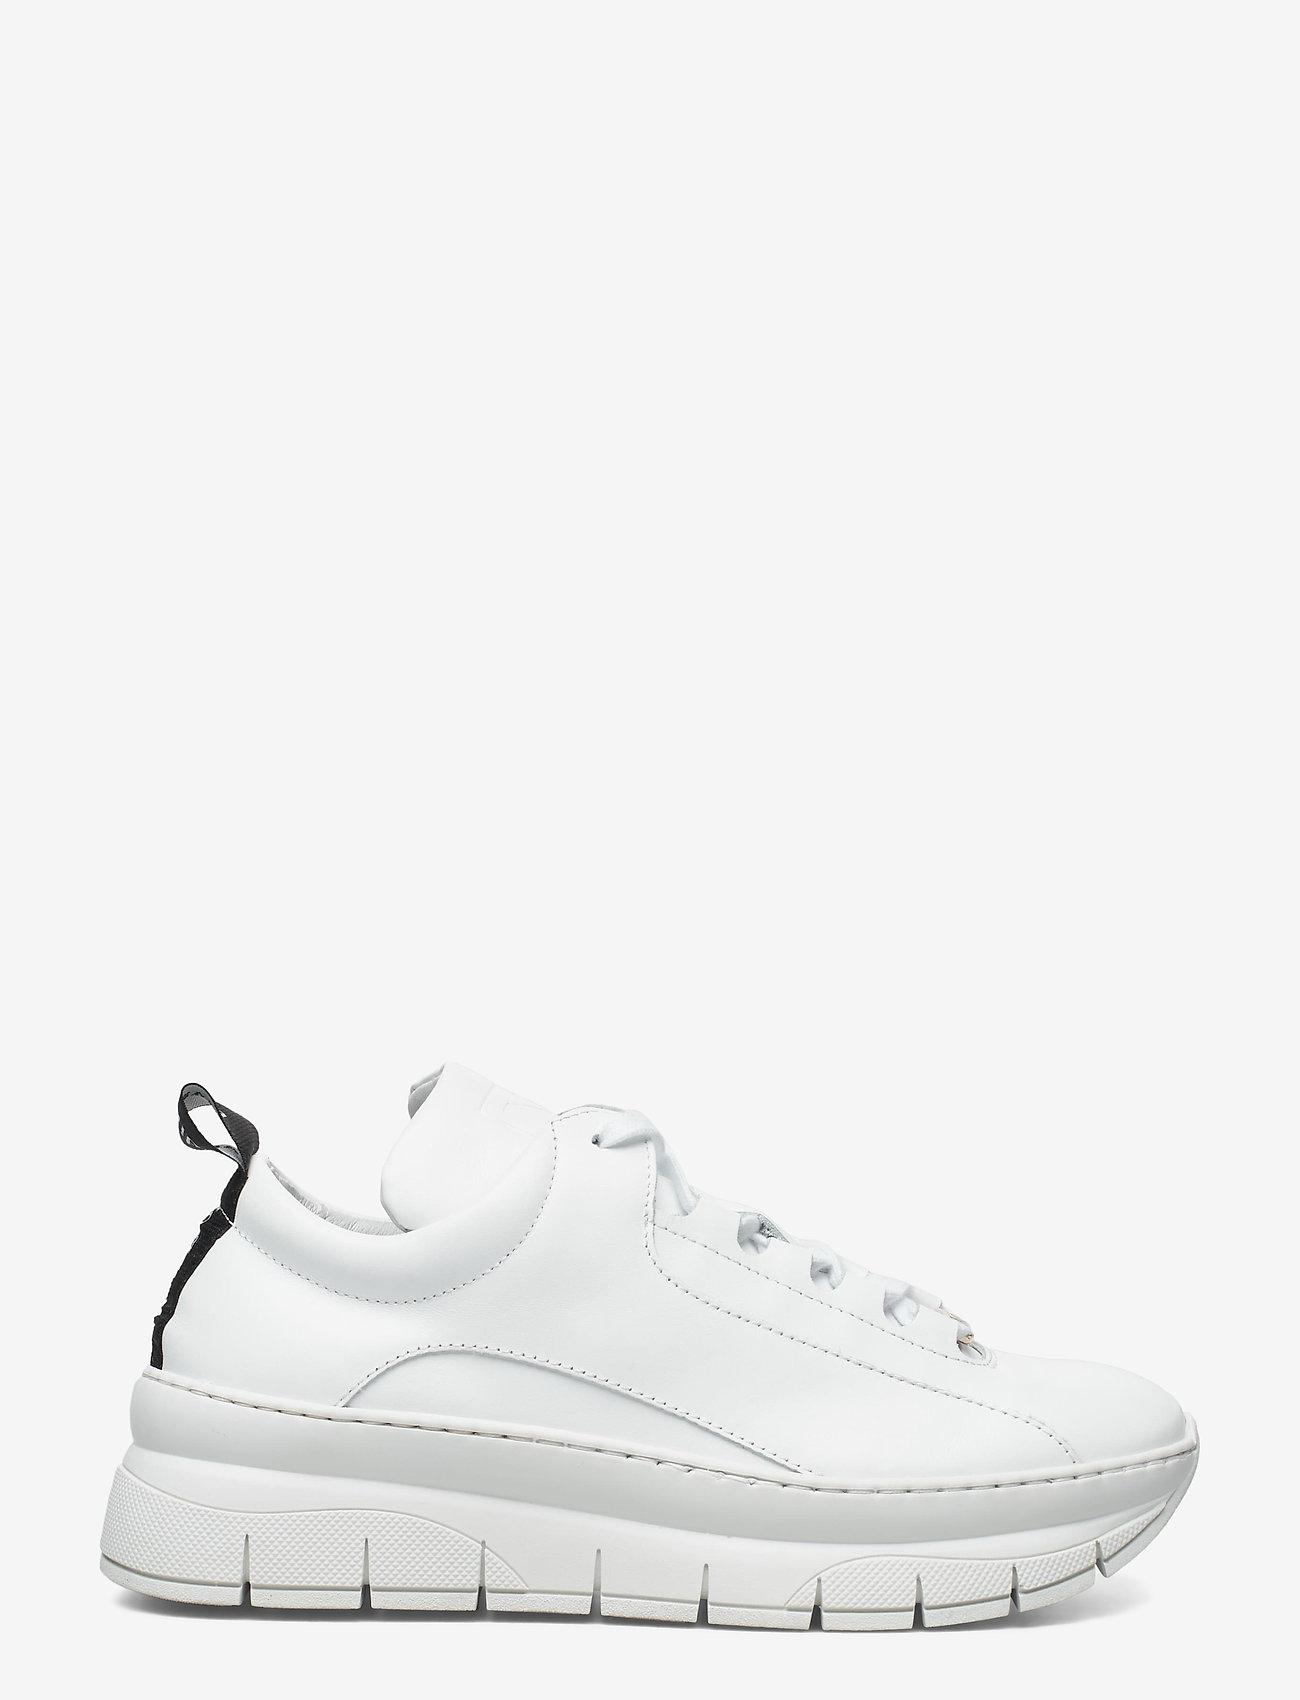 Nude of Scandinavia - HEDVIG - låga sneakers - softy / bianco - 1